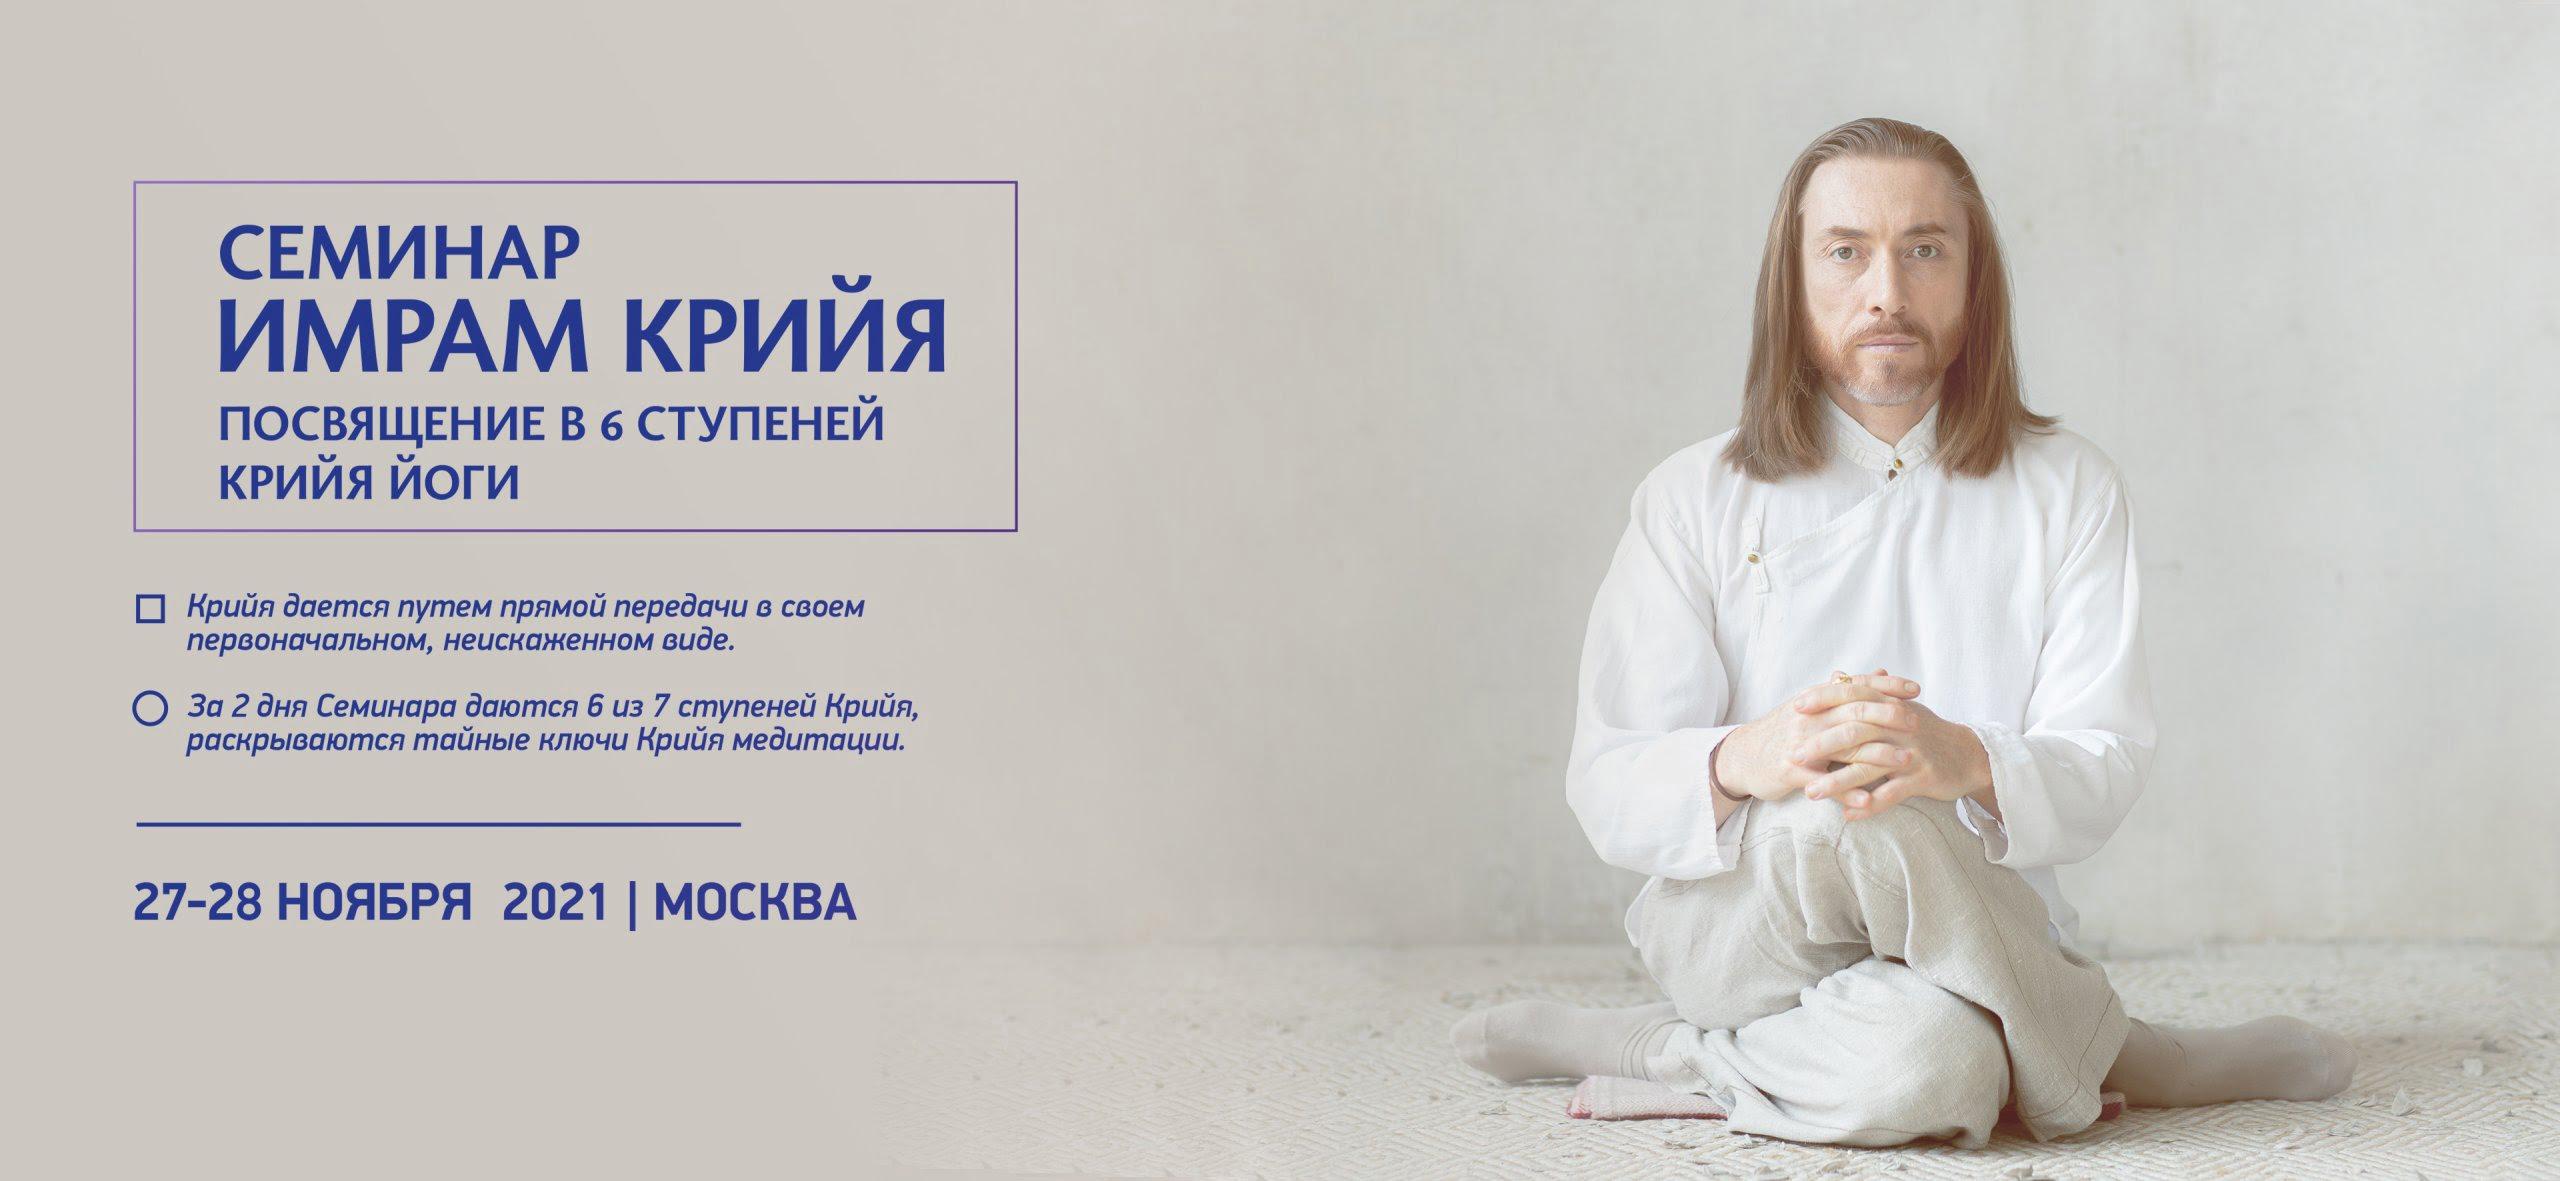 SeminarMoscow_desk